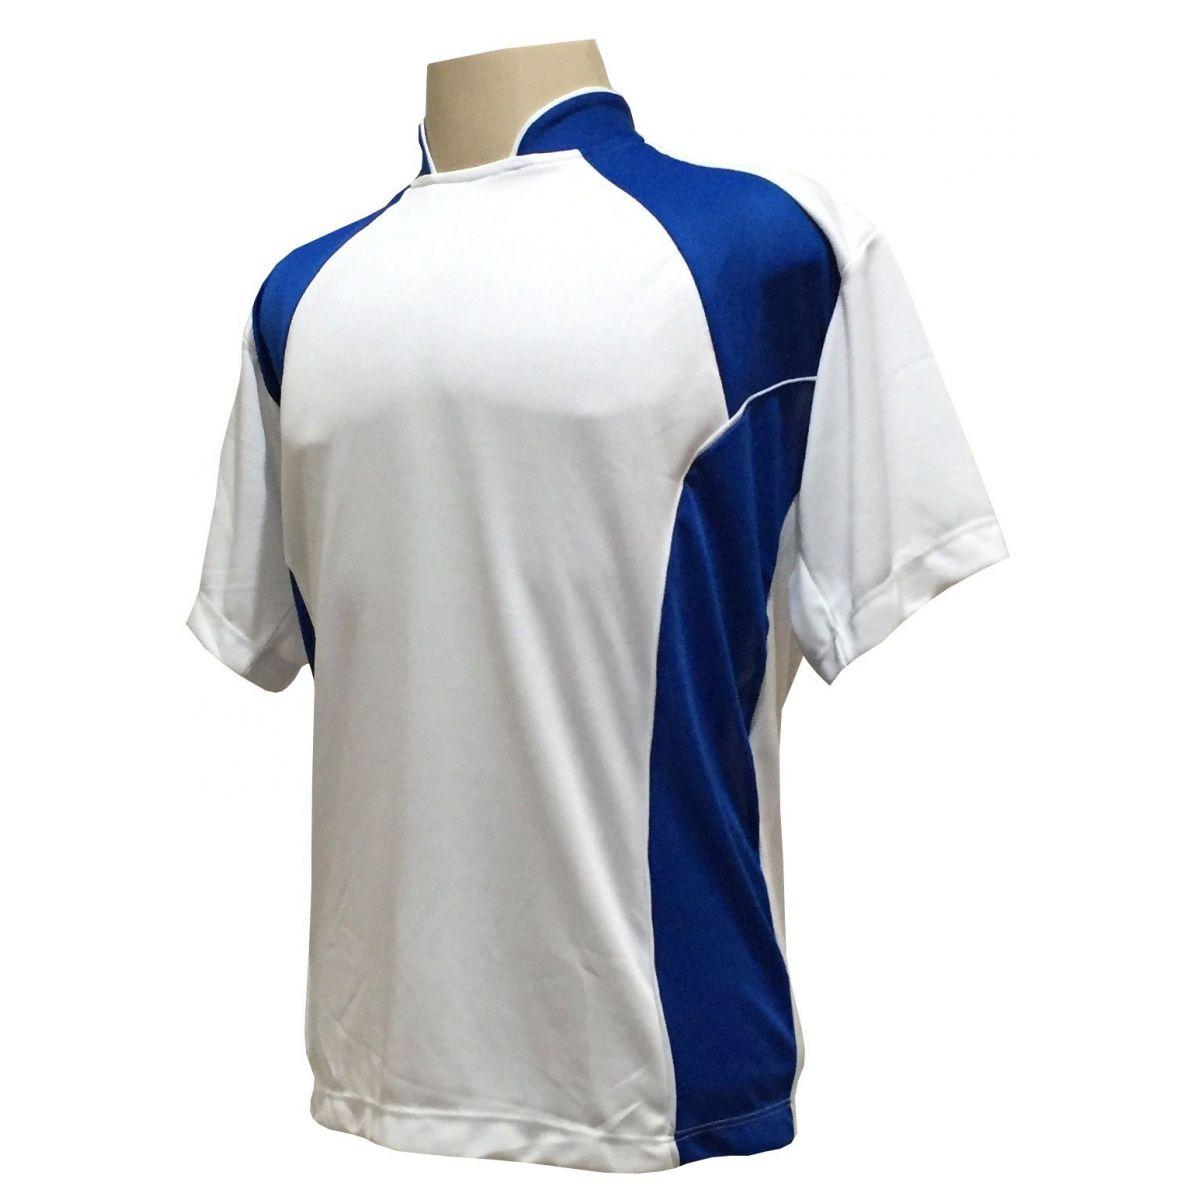 Uniforme Esportivo com 14 camisas modelo Suécia Branco/Royal + 14 calções modelo Copa Royal/Branco + 14 pares de meiões Royal